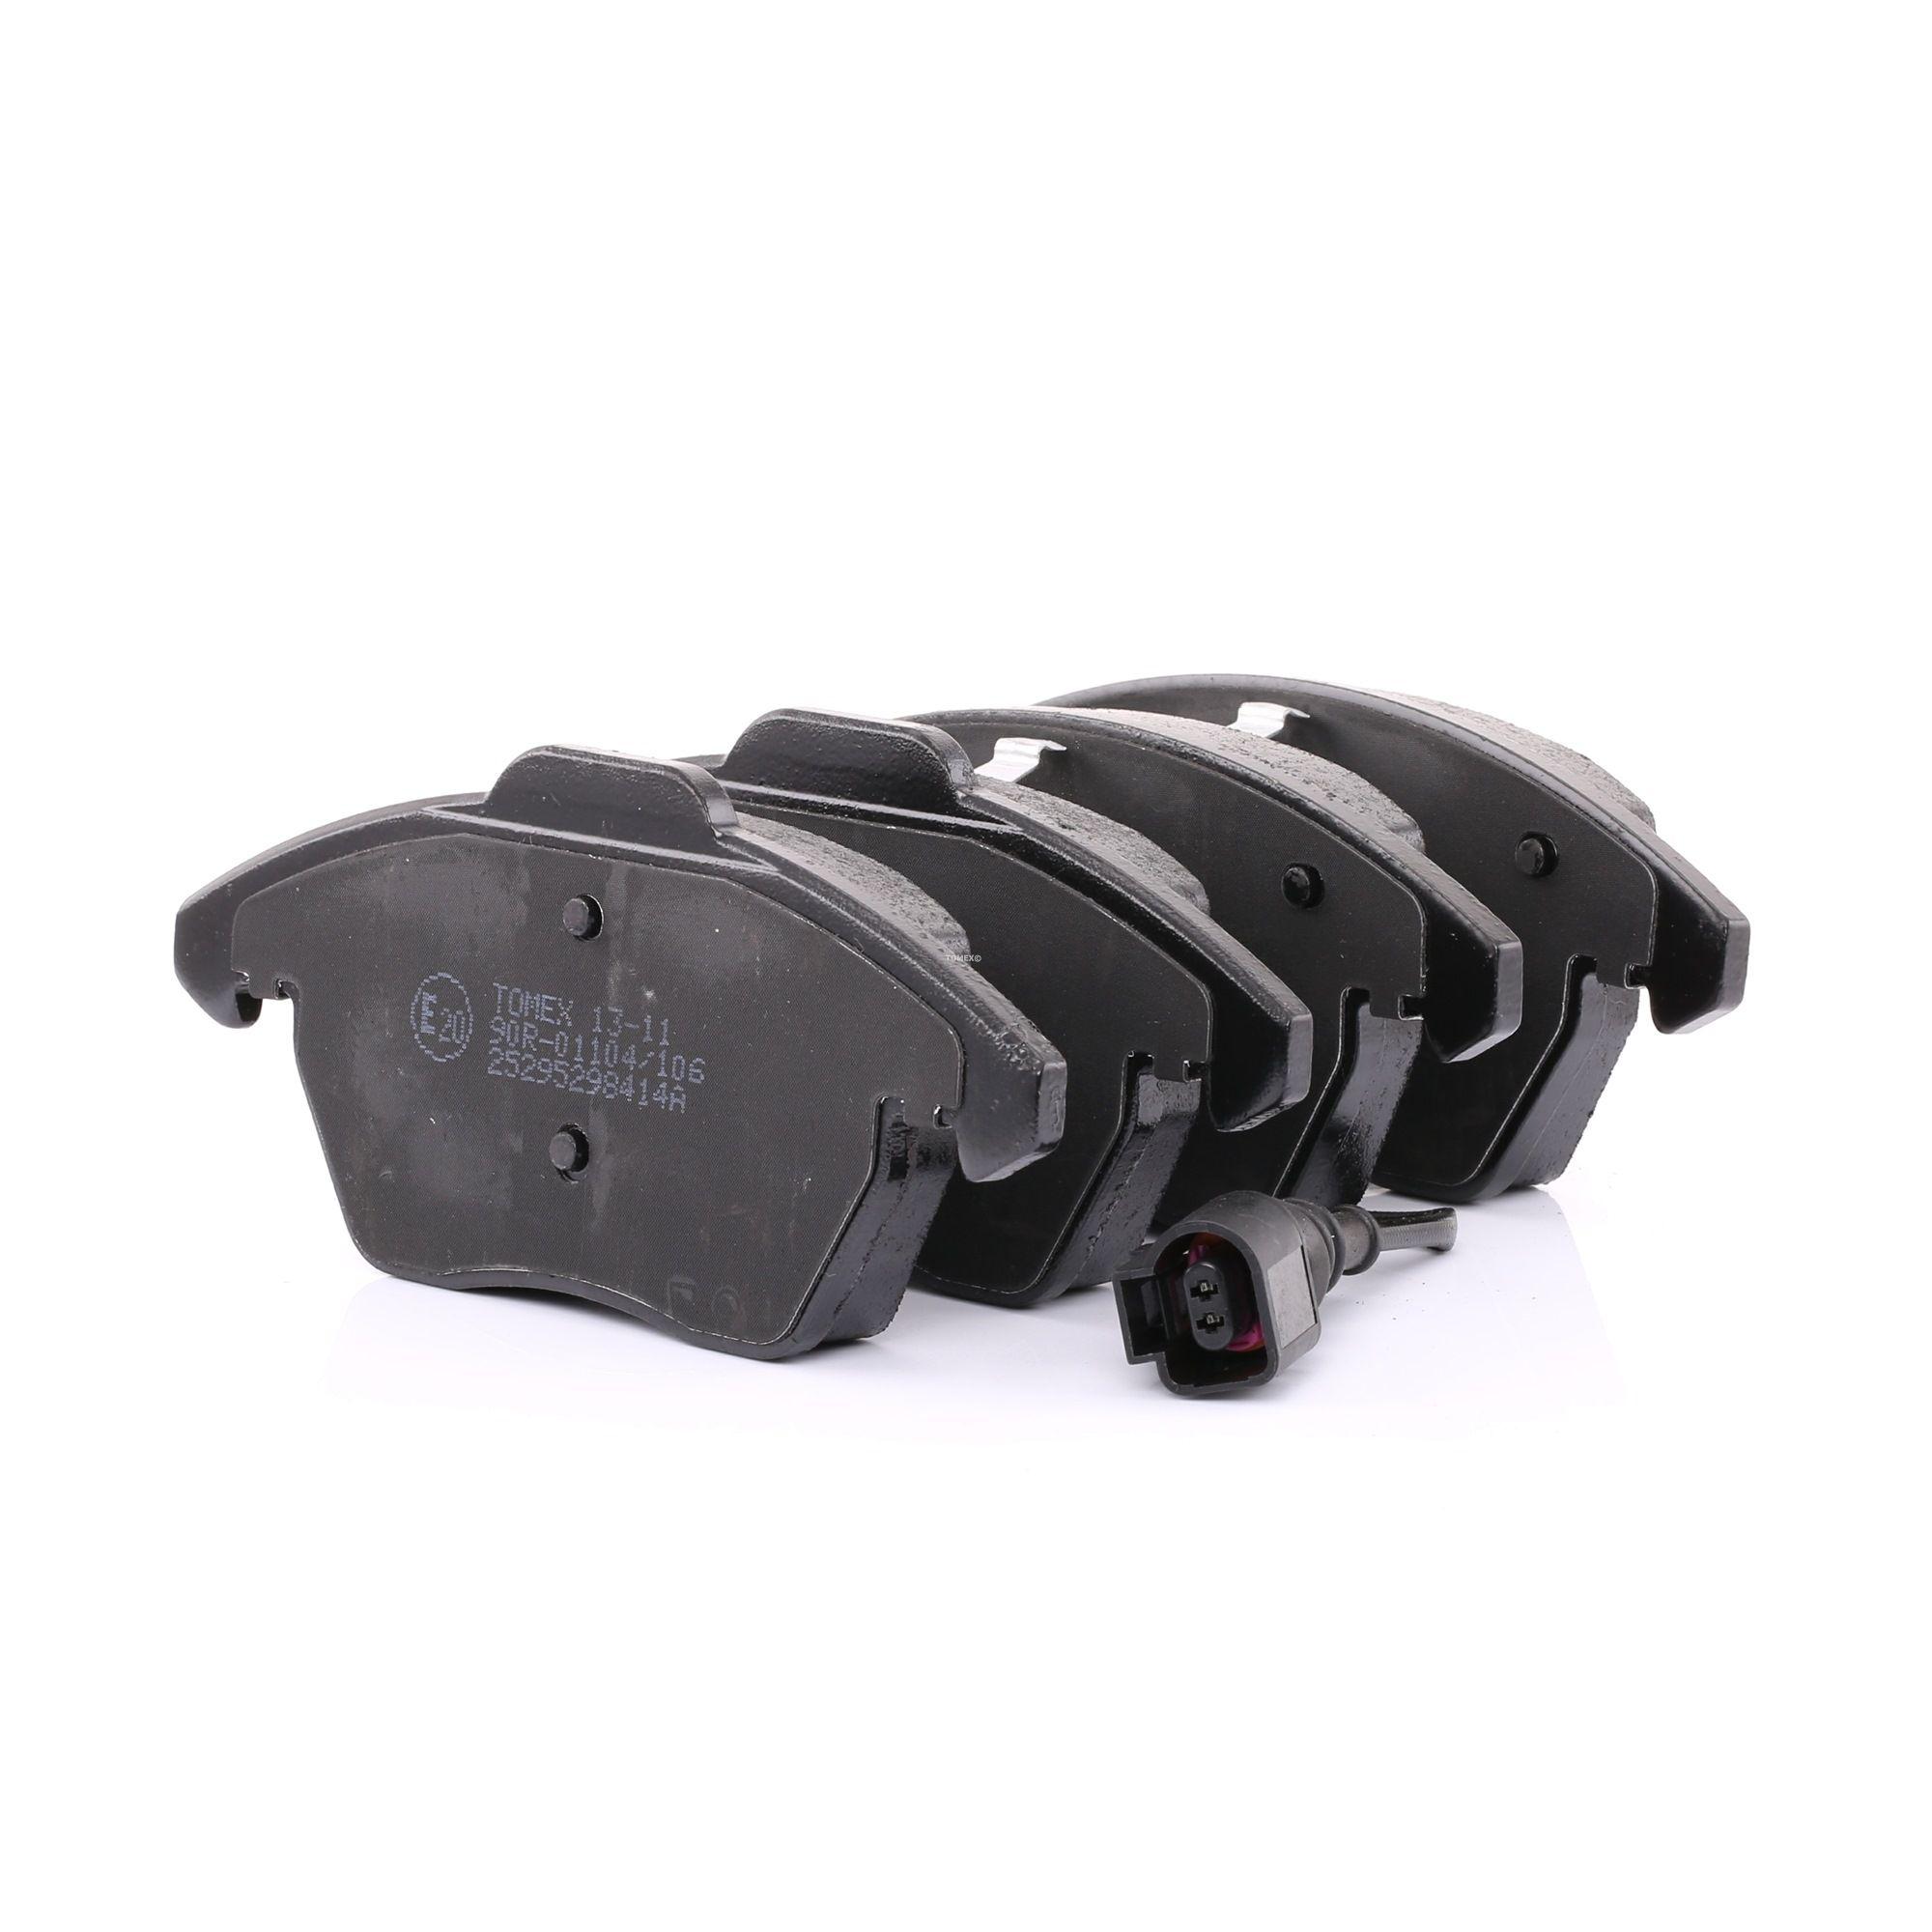 Bremsbelagsatz TOMEX brakes 23588 Bewertung